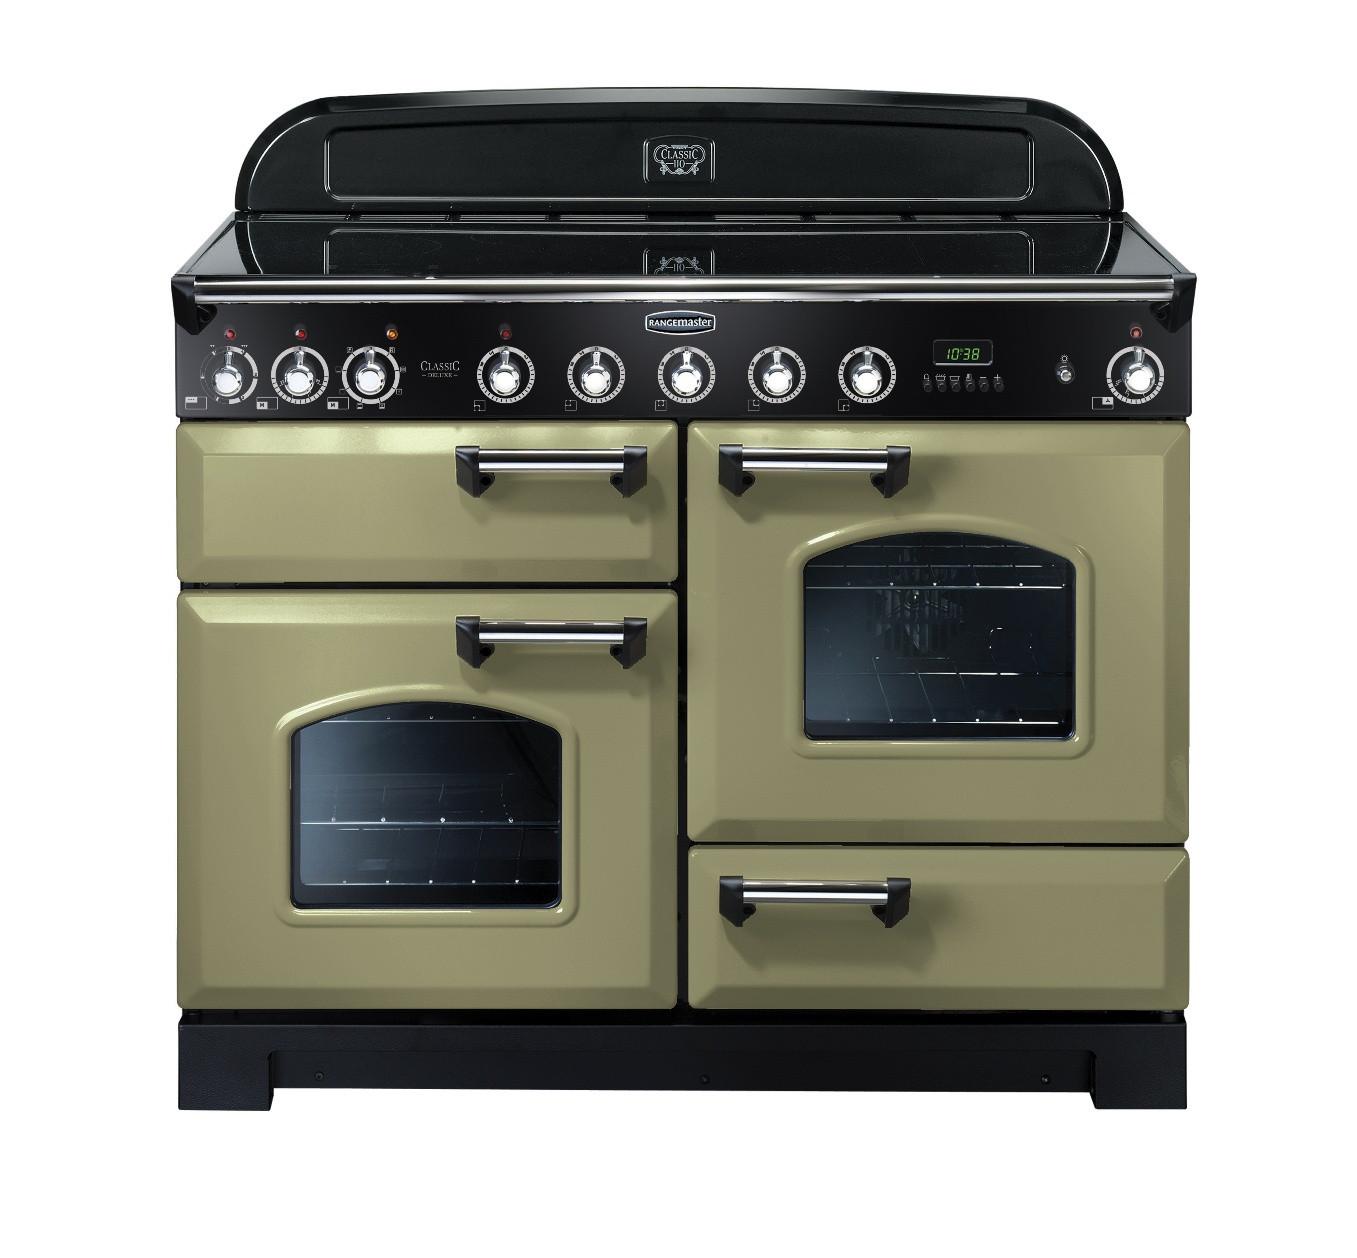 Rangemaster Classic Deluxe 110 Ceramic Range Cooker Olive Green/Chrome 100940